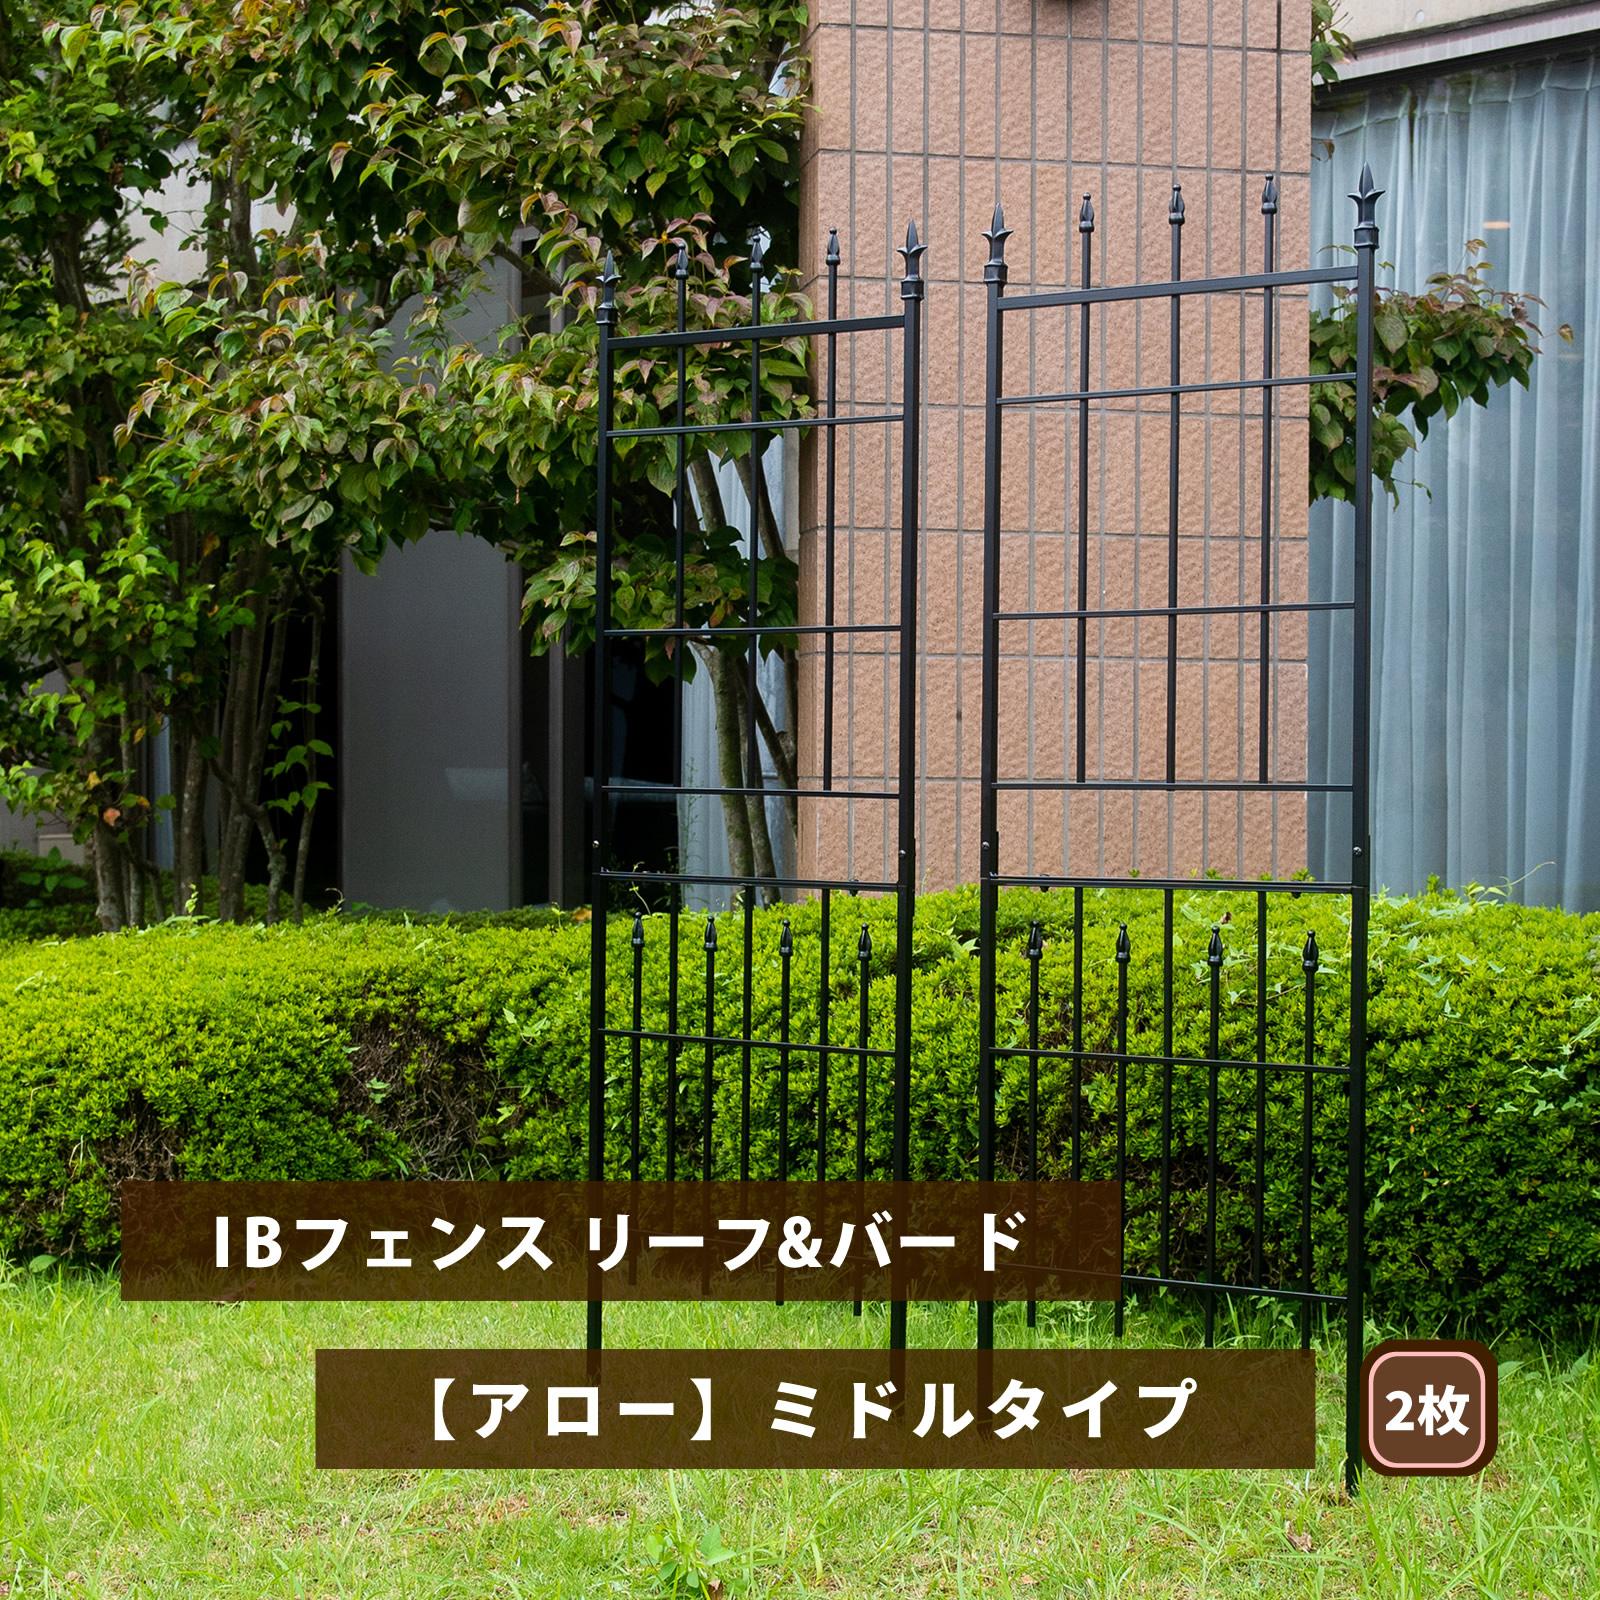 アイアンフェンス IBフェンス リーフ&バード アロー ミドルタイプ 幅52.5cm 高さ163cm 2枚セット ガーデンフェンス トレリスフェンス アンティーク 誘引フェンス ibf-ar163-2p-blk